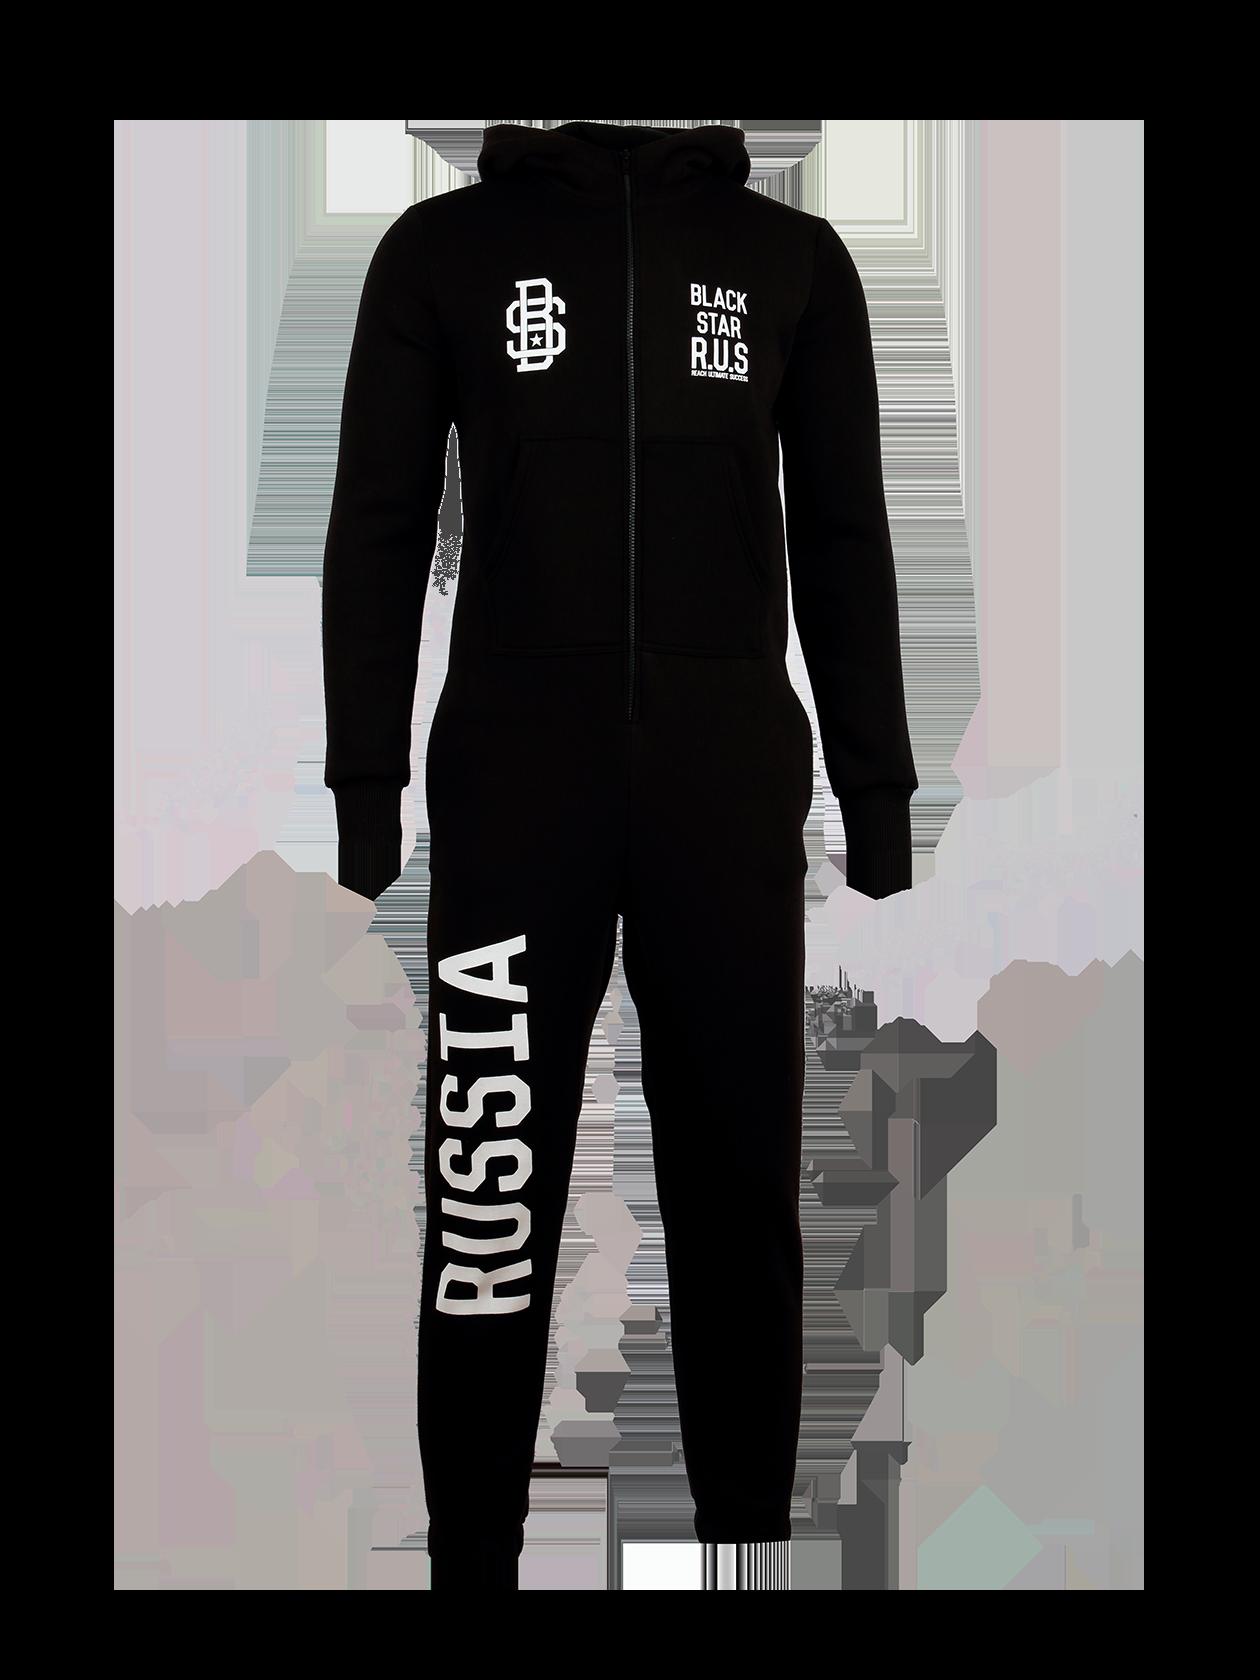 Комбинезон унисекс BLACK STAR R.U.S.Комбинезон унисекс Black Star R.U.S. для любителей нестандартных решений. Стильная модель черного цвета с белыми вышивками на груди в виде надписей и логотипа Black Star. Крупная нашивка «Russia» на правой штанине и принт «двуглавый орел» на спине. Длинный рукав и низ брюк оформлены широкой эластичной резинкой. Спереди застежка-молния, воротник выполнен в форме хомута, переходящего в капюшон. Эффектный дизайн отлично сочетается с высокой практичностью изделия за счет натурального хлопка.<br><br>Размер: XXS<br>Цвет: Черный<br>Пол: Мужской